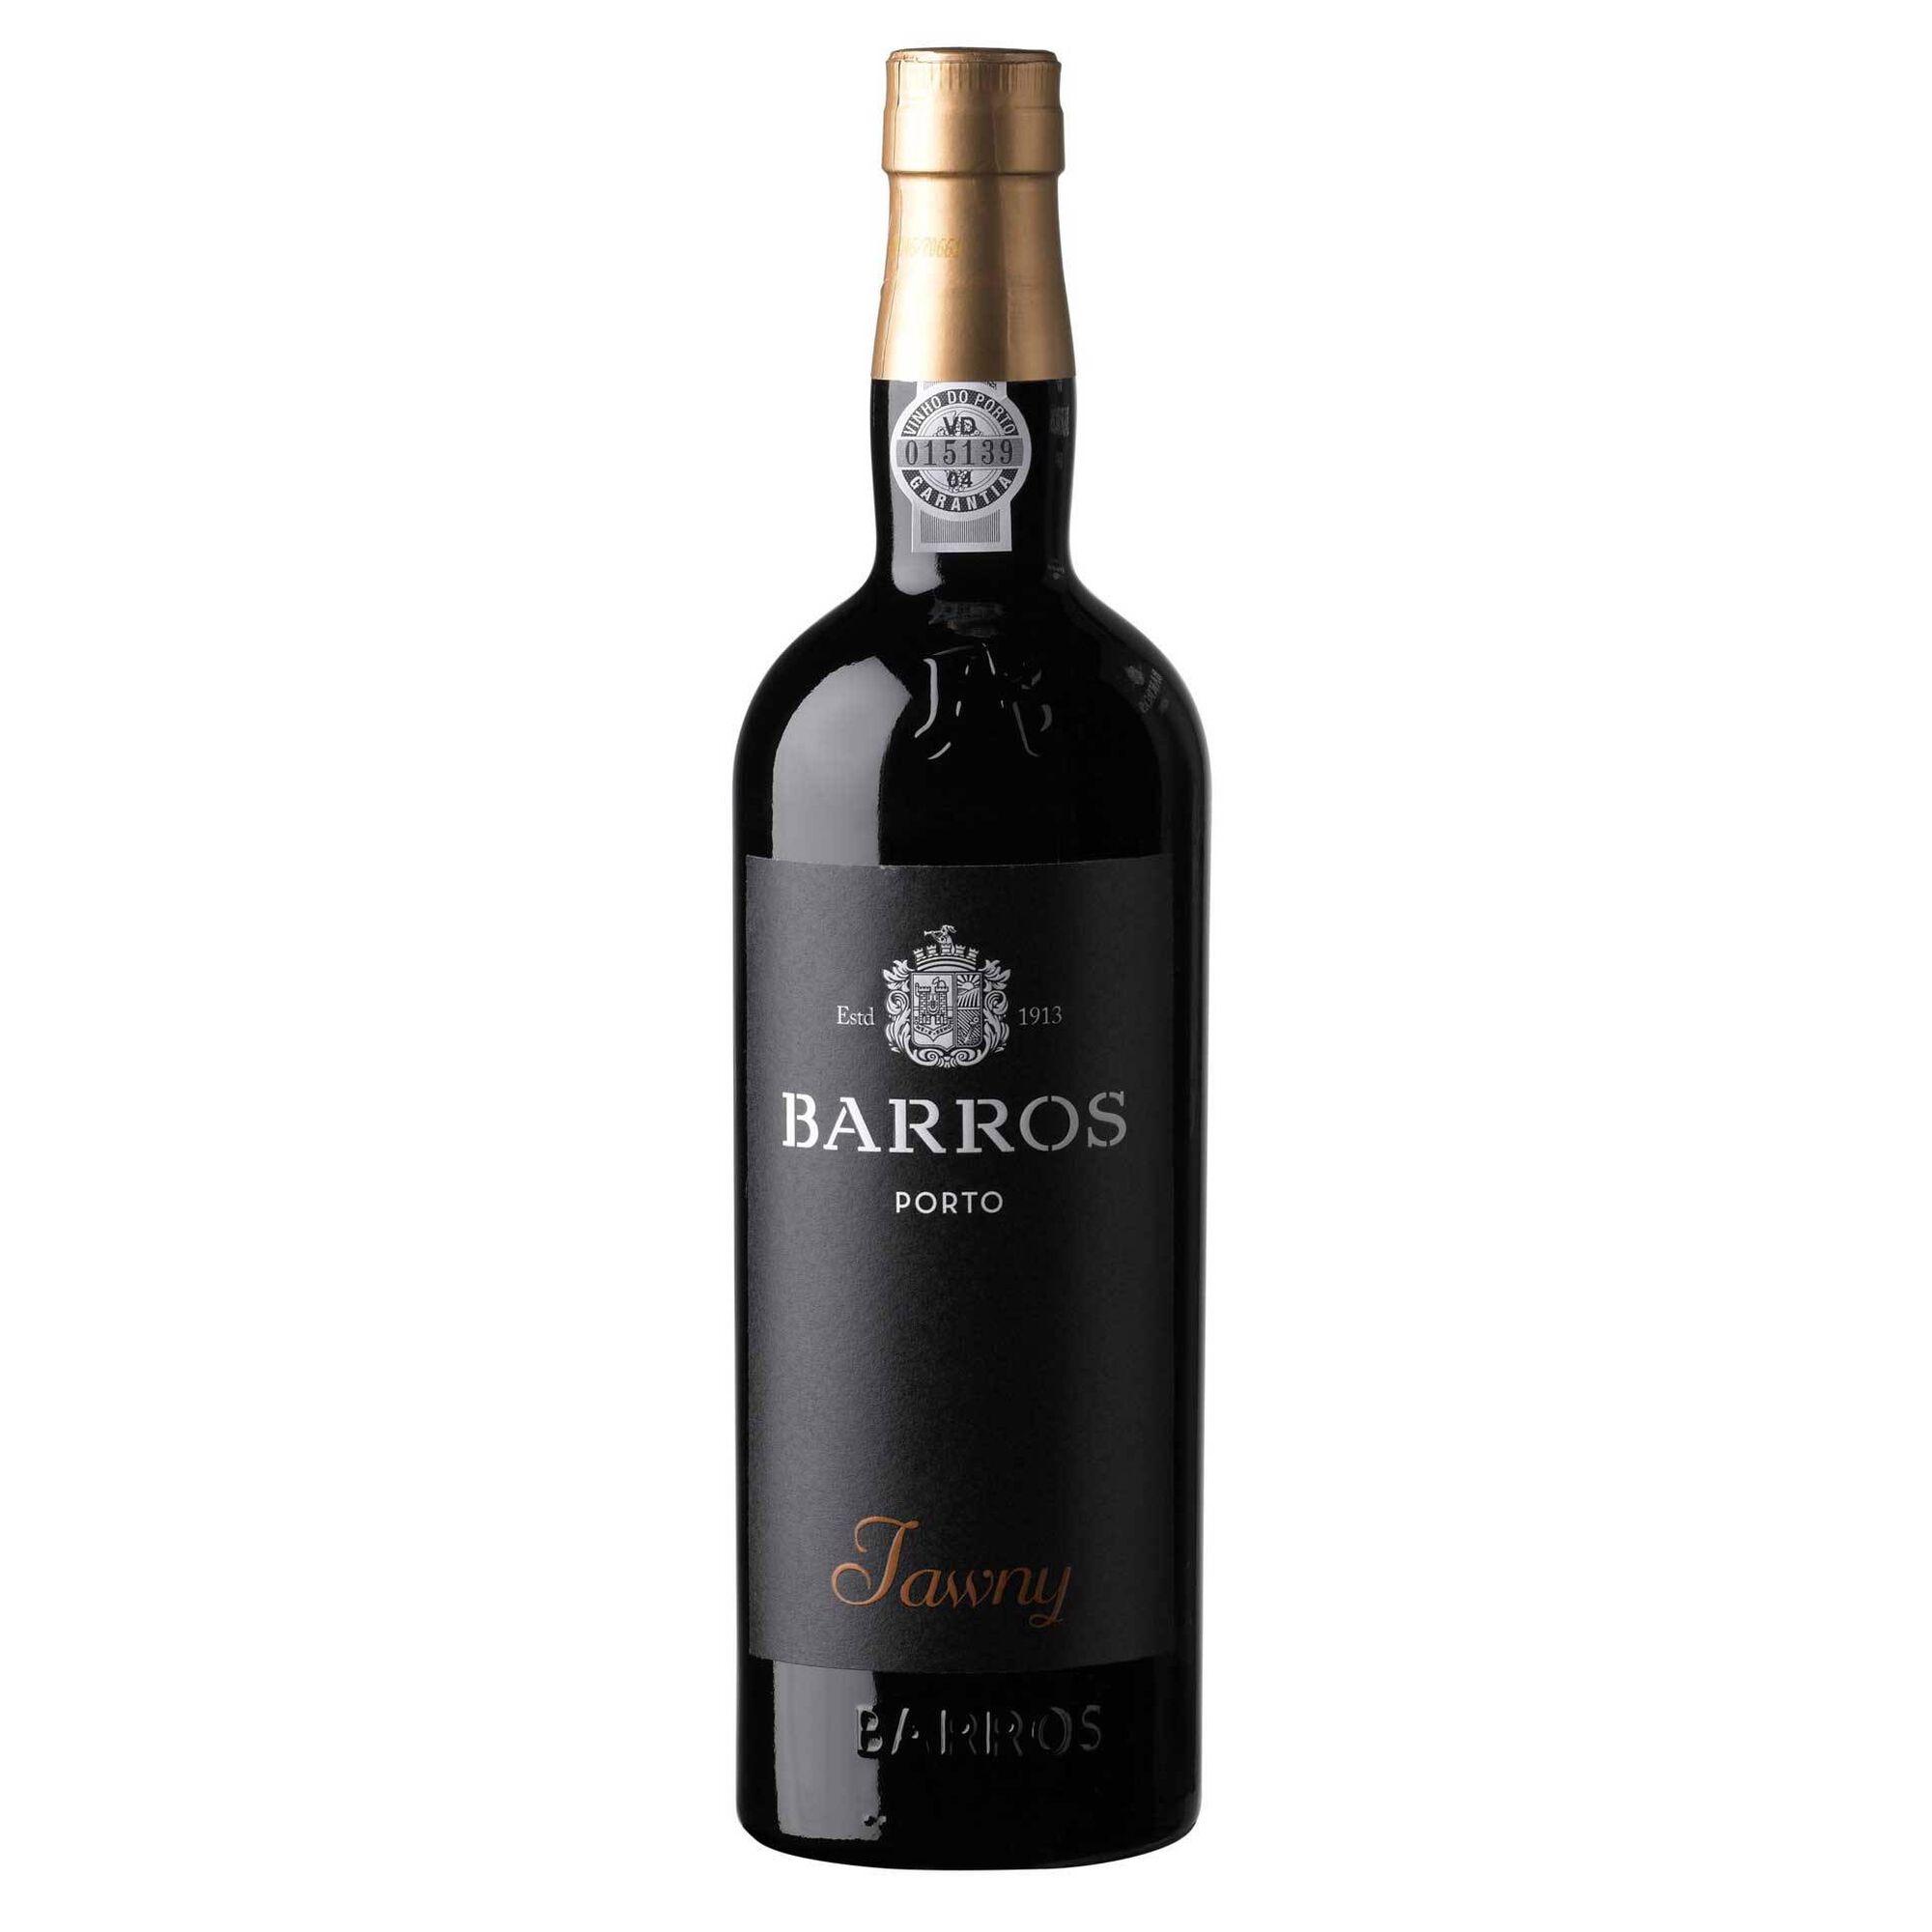 Barros Vinho do Porto Tawny